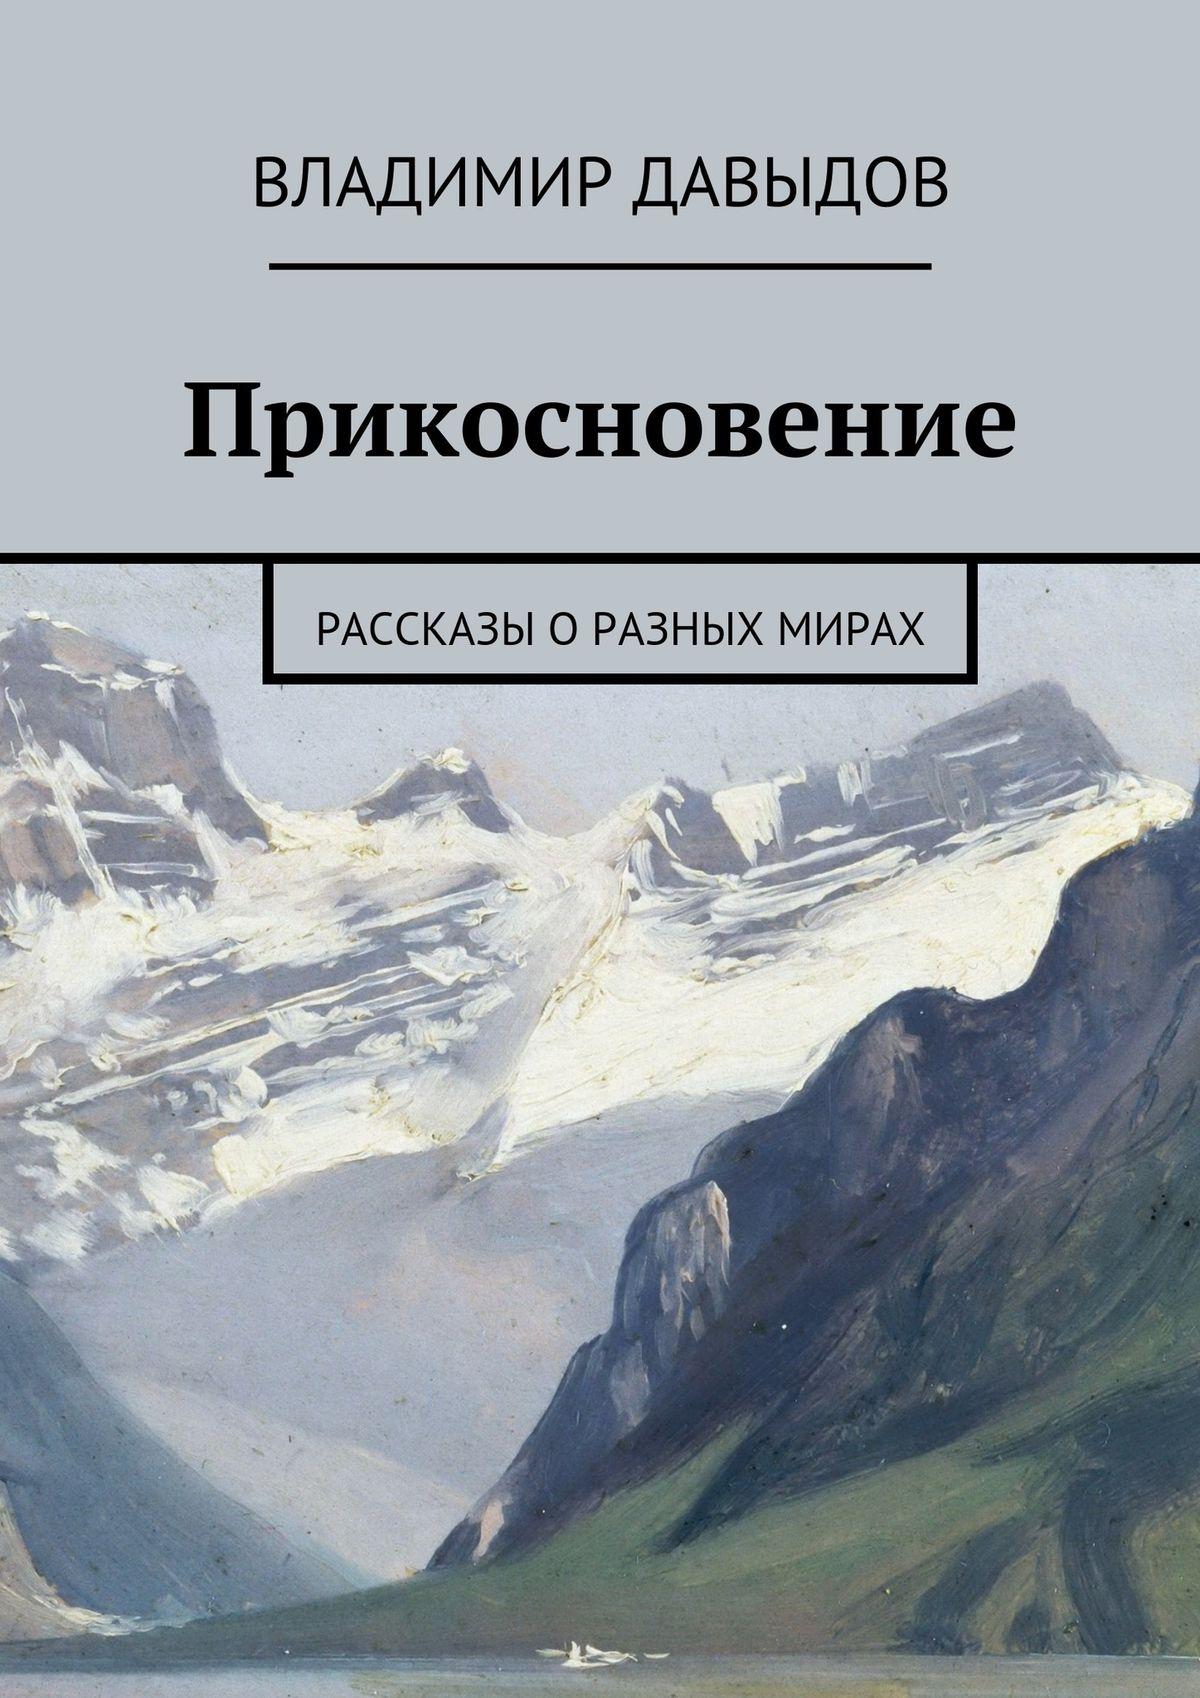 Владимир Давыдов Прикосновение владимир давыдов папина сказка